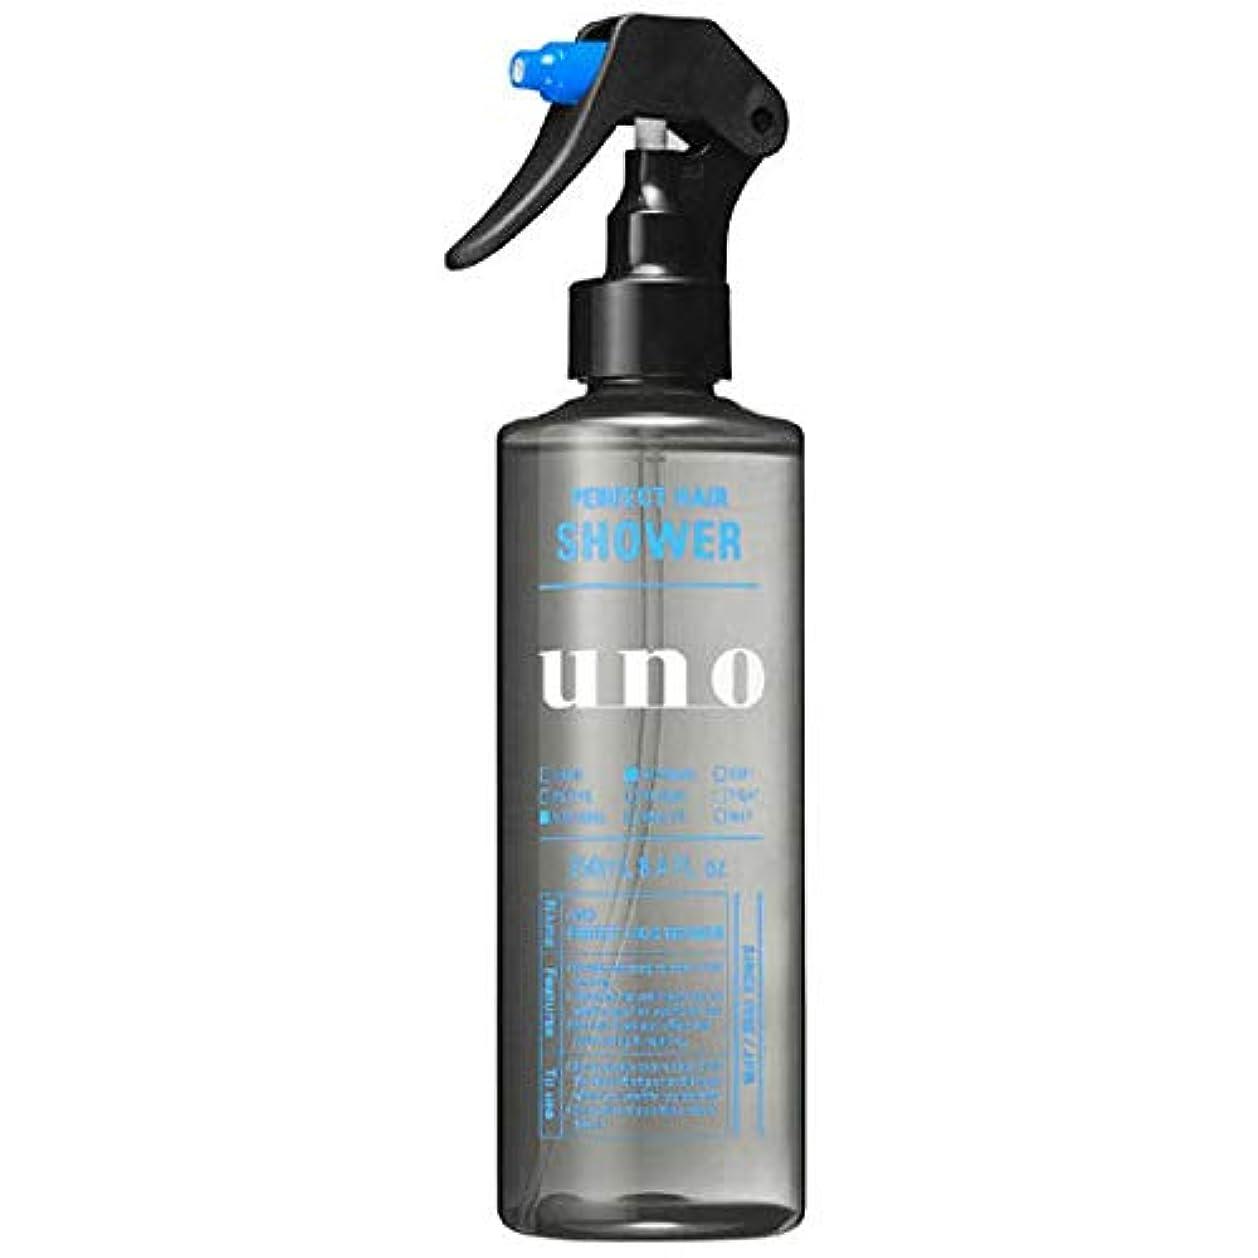 途方もない招待認証UNO(ウーノ) パーフェクトヘアシャワー 本体 250mL